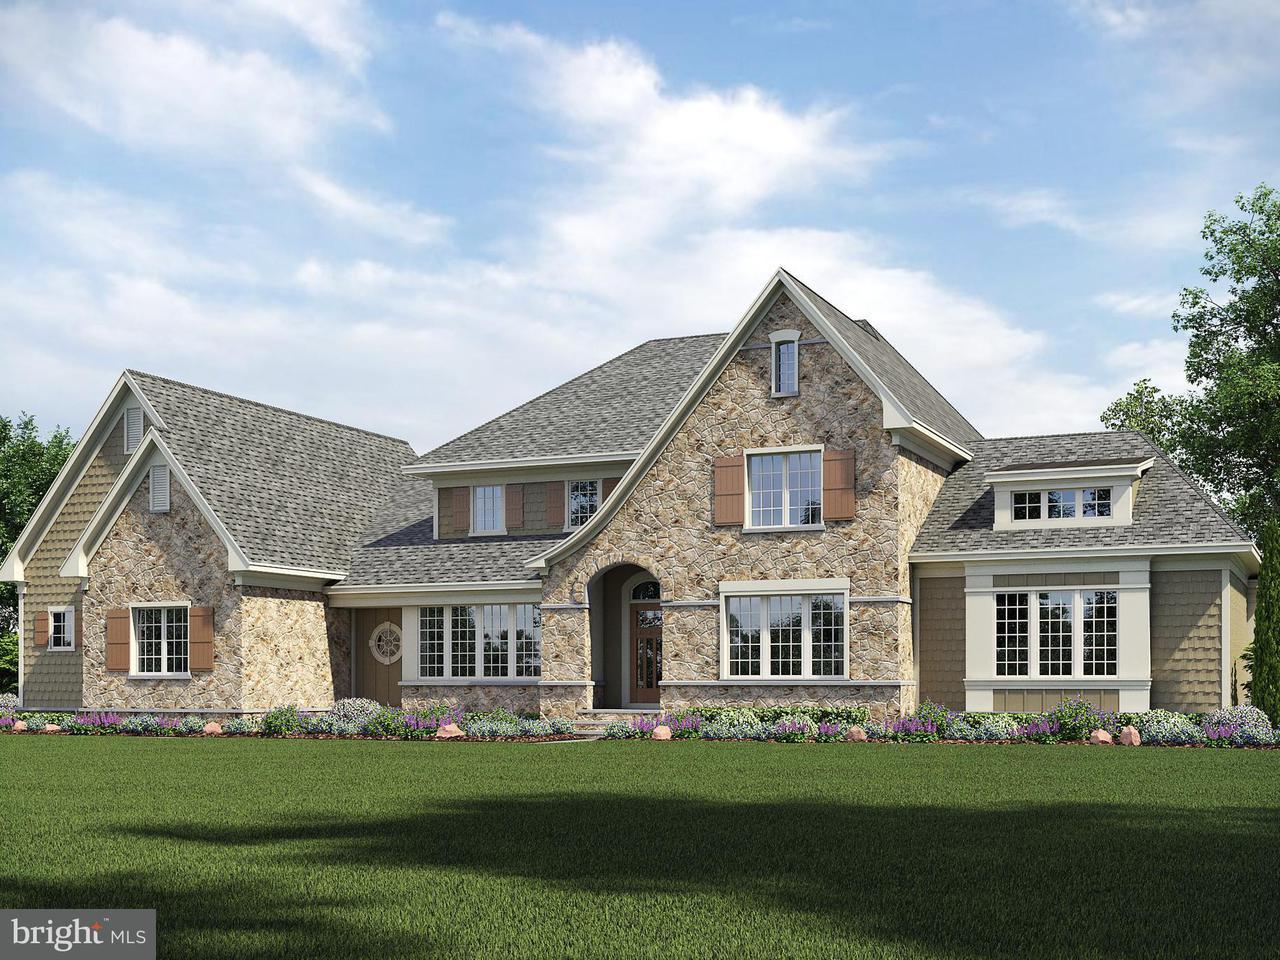 獨棟家庭住宅 為 出售 在 Willow Brook Lane Willow Brook Lane Fairfax, 弗吉尼亞州 22030 美國